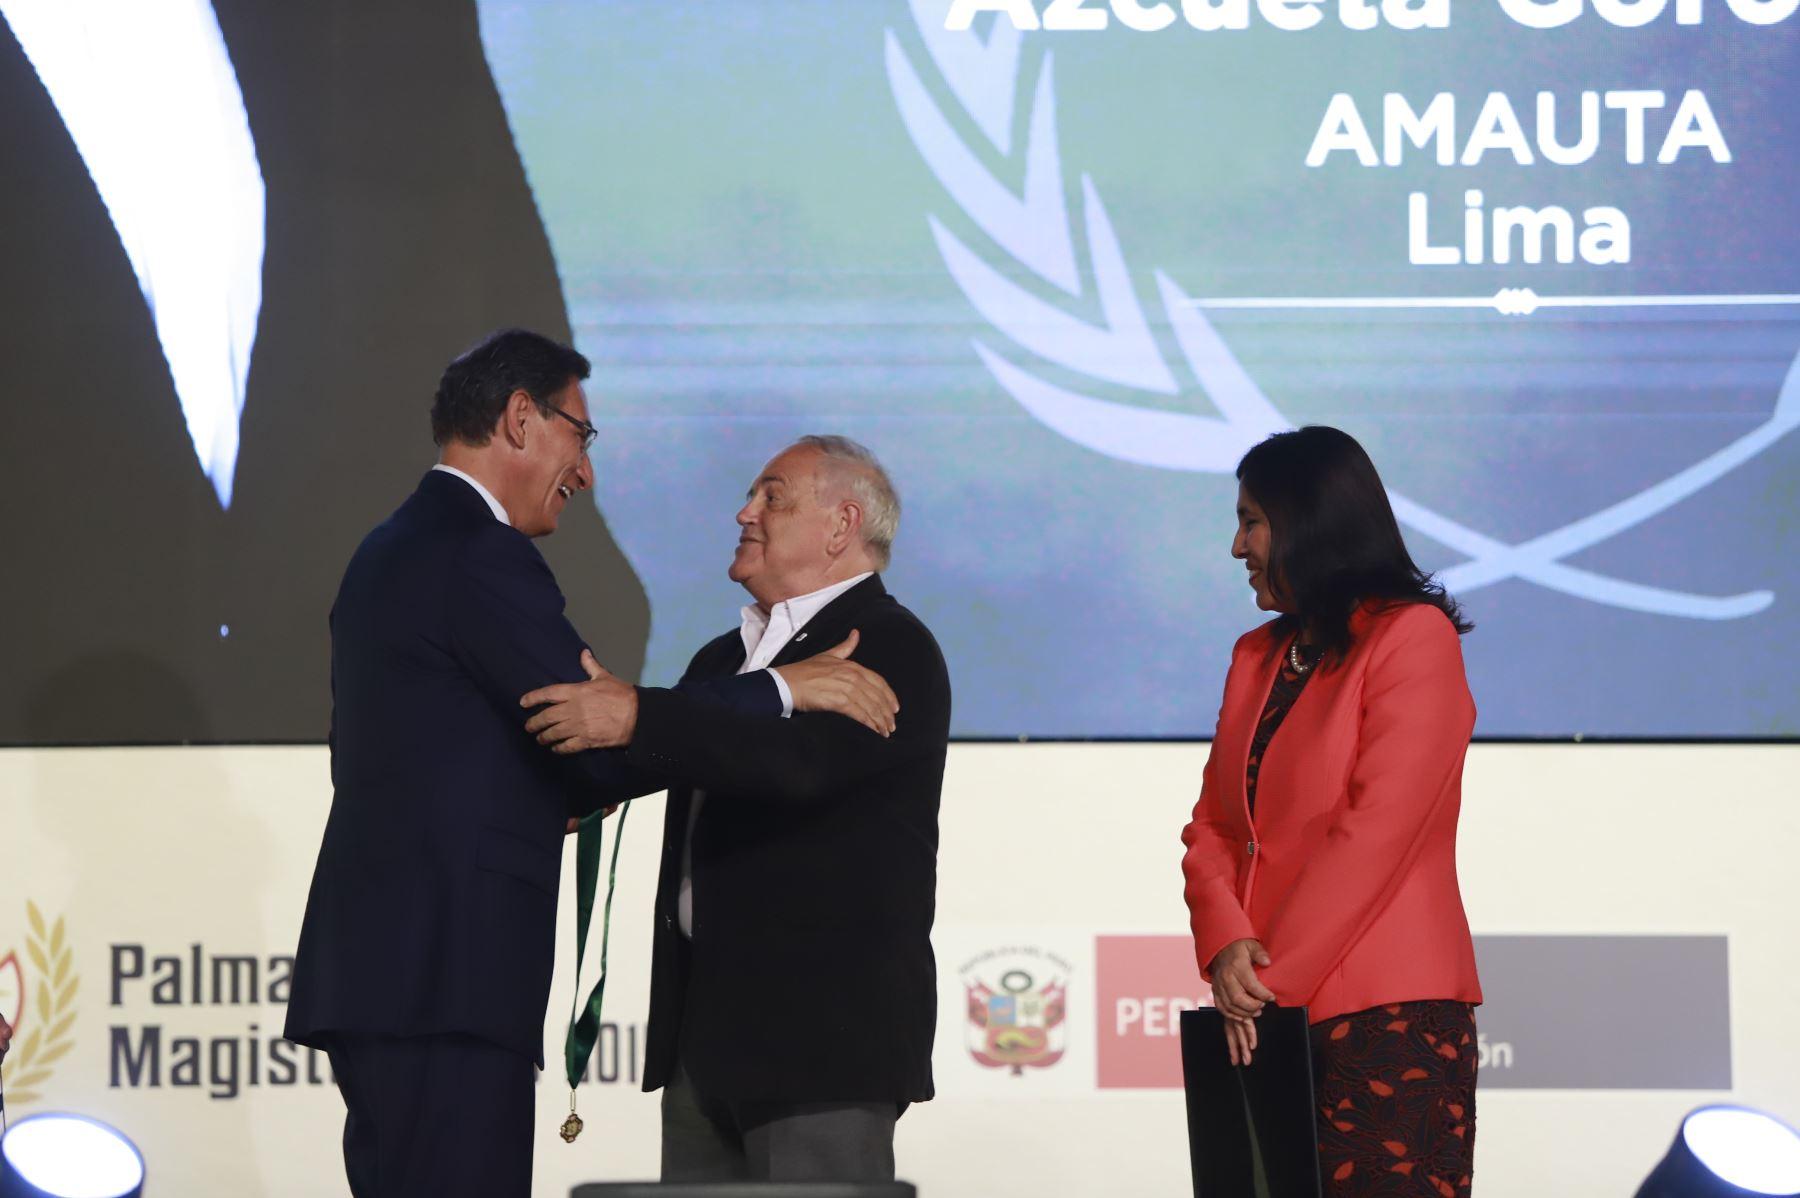 Presidente Martín Vizcarra reconoce a educador Michel Azcueta con las Palmas Magisteriales 2019 por su destacada contribución extraordinaria a la educación y desarrollo del país.  Foto: ANDINA/Prensa Presidencia